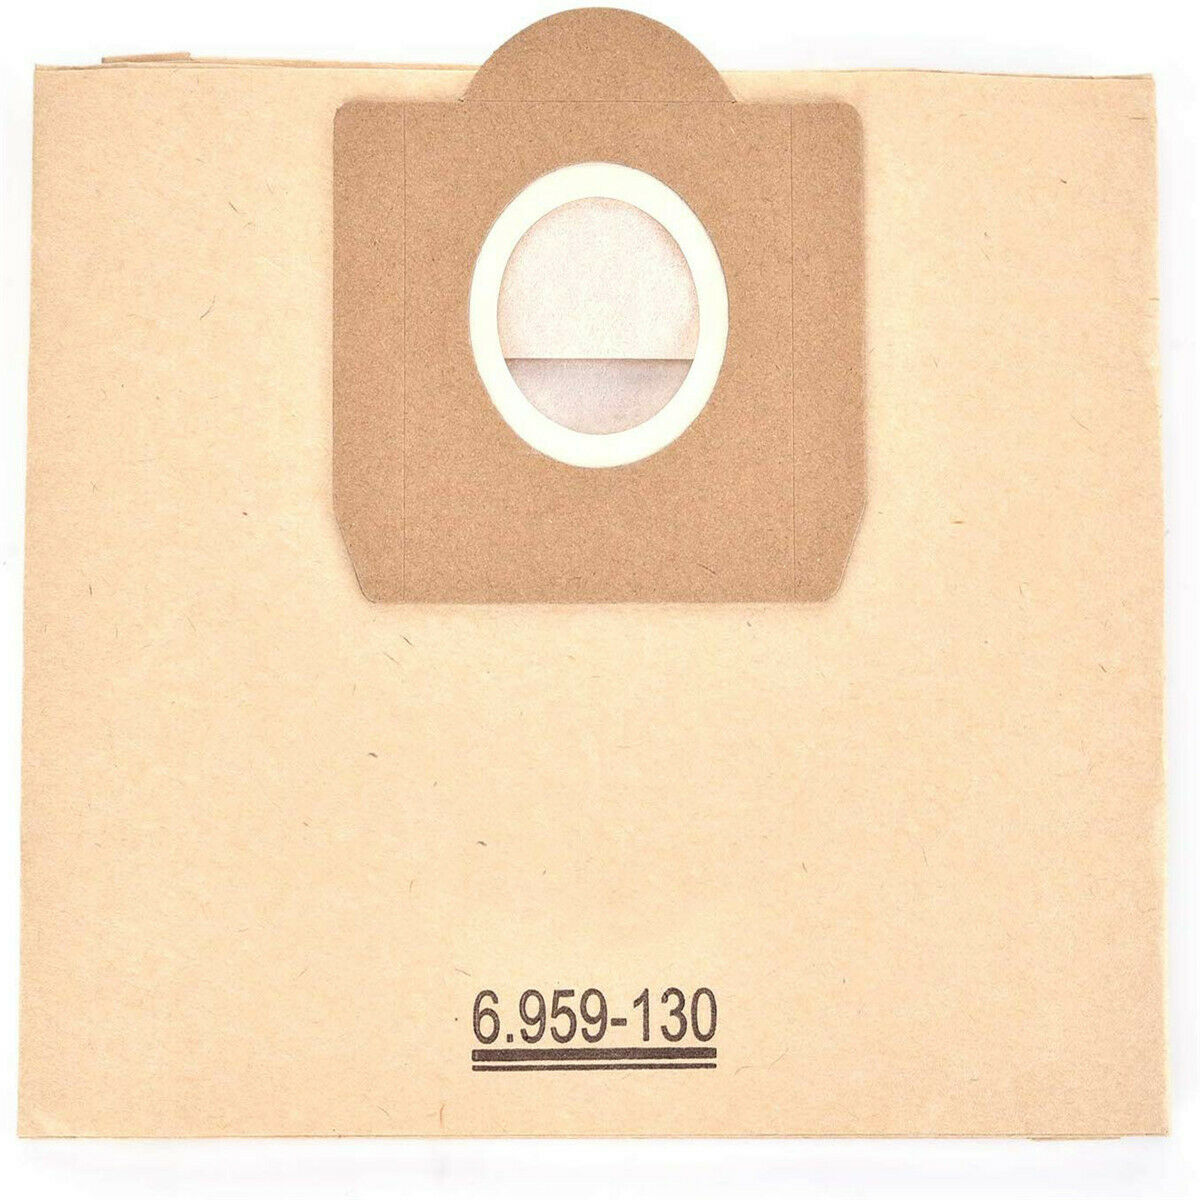 Staubsaugerbeutel für Karcher 6.959-130.0 6.904-322.0 Papiertüten Filter MV4 MV3 2